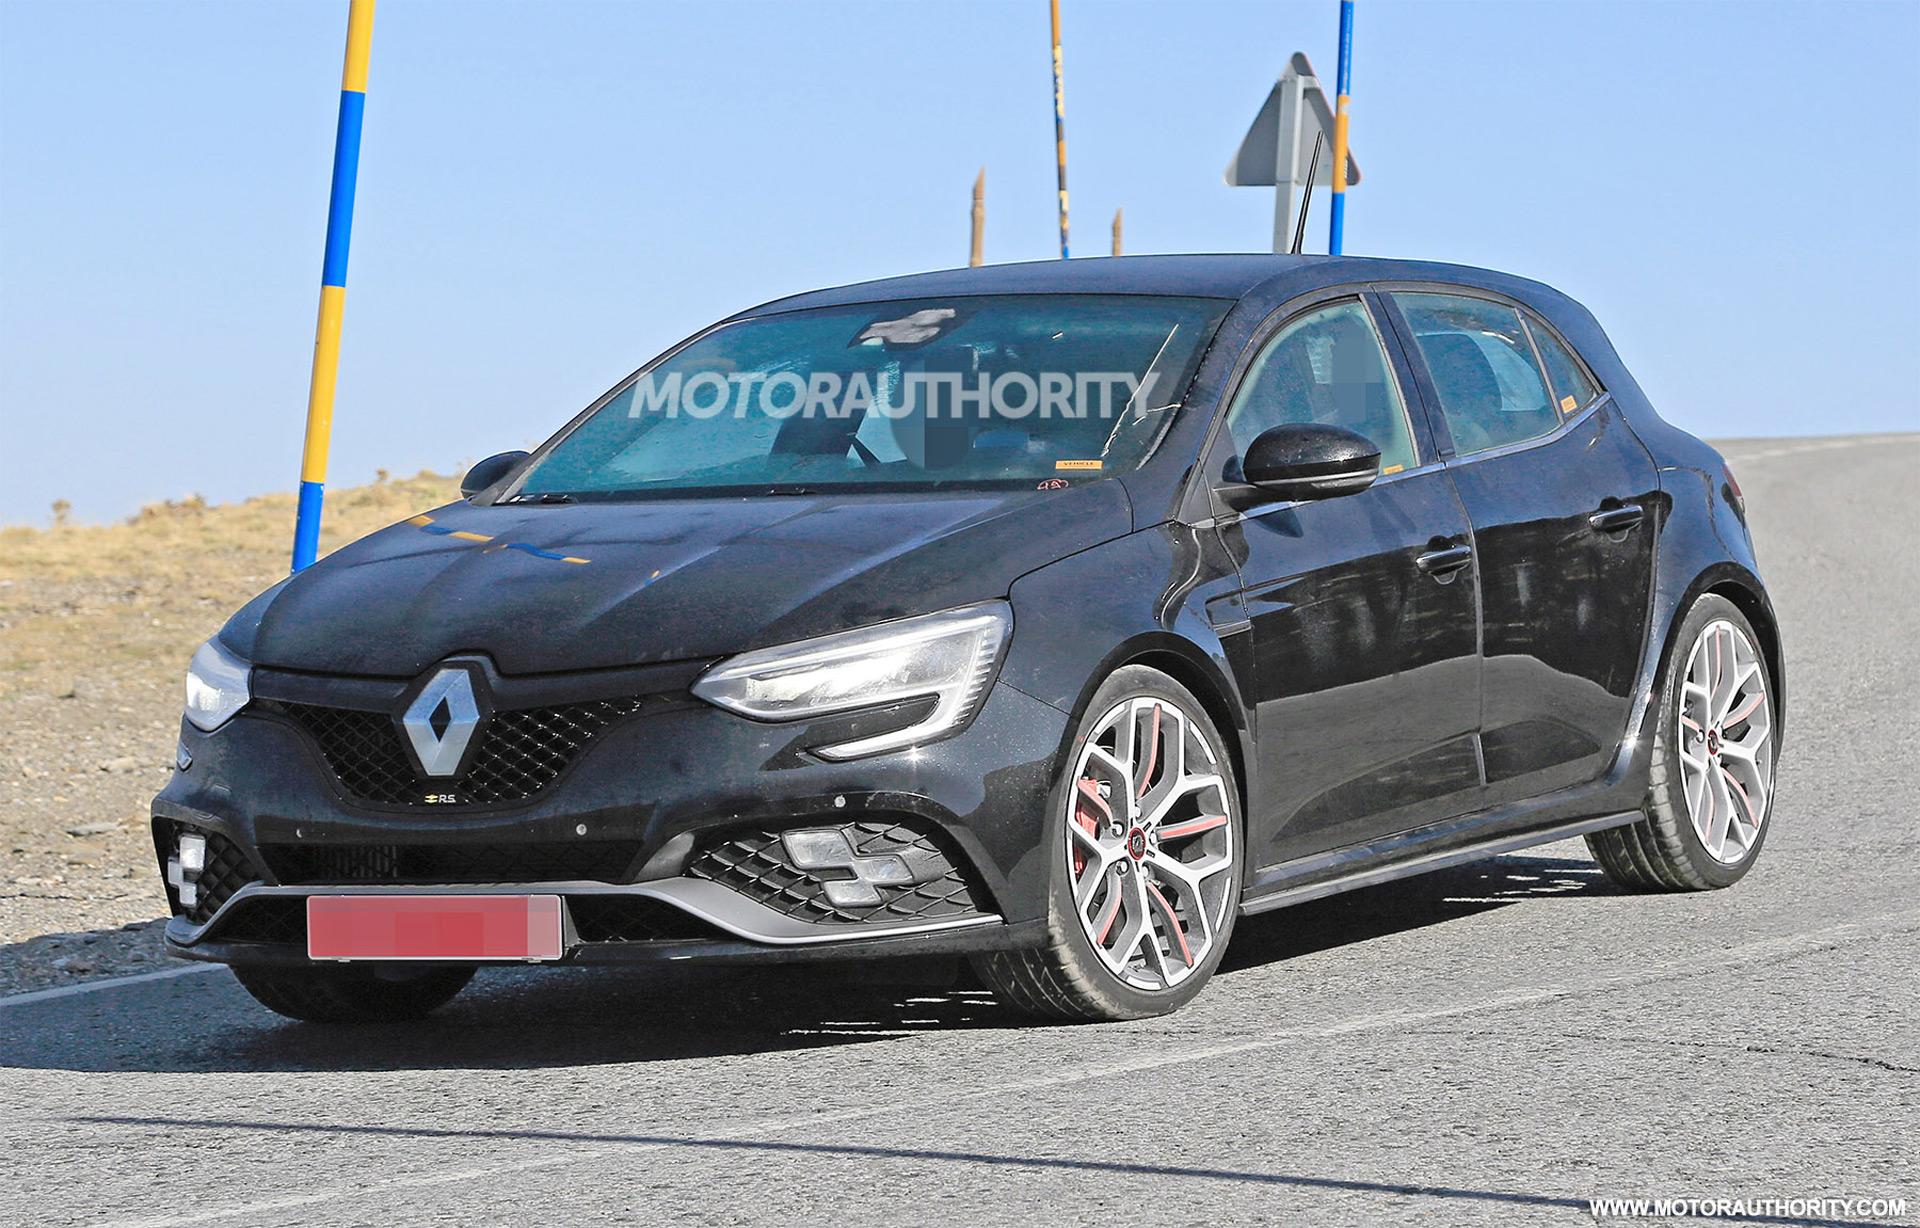 2020 Renault Megane Rs Spy Shots